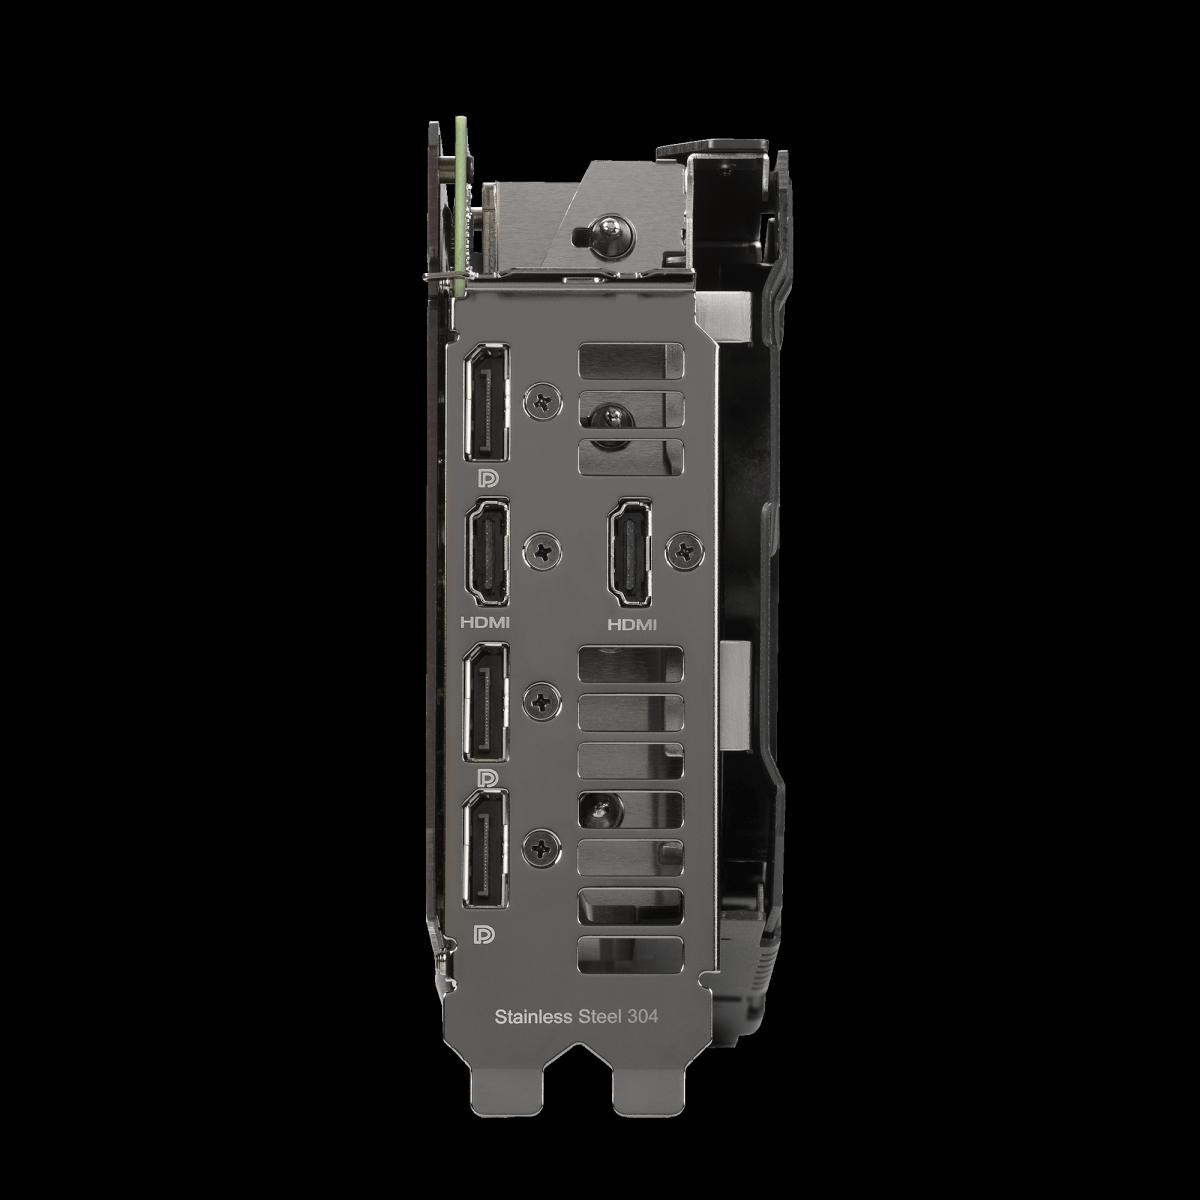 Placa de Vídeo Asus TUF Gaming GeForce RTX 3060 OC, 12GB, GDDR6, 192bit, TUF-RTX3060-O12G-GAMING